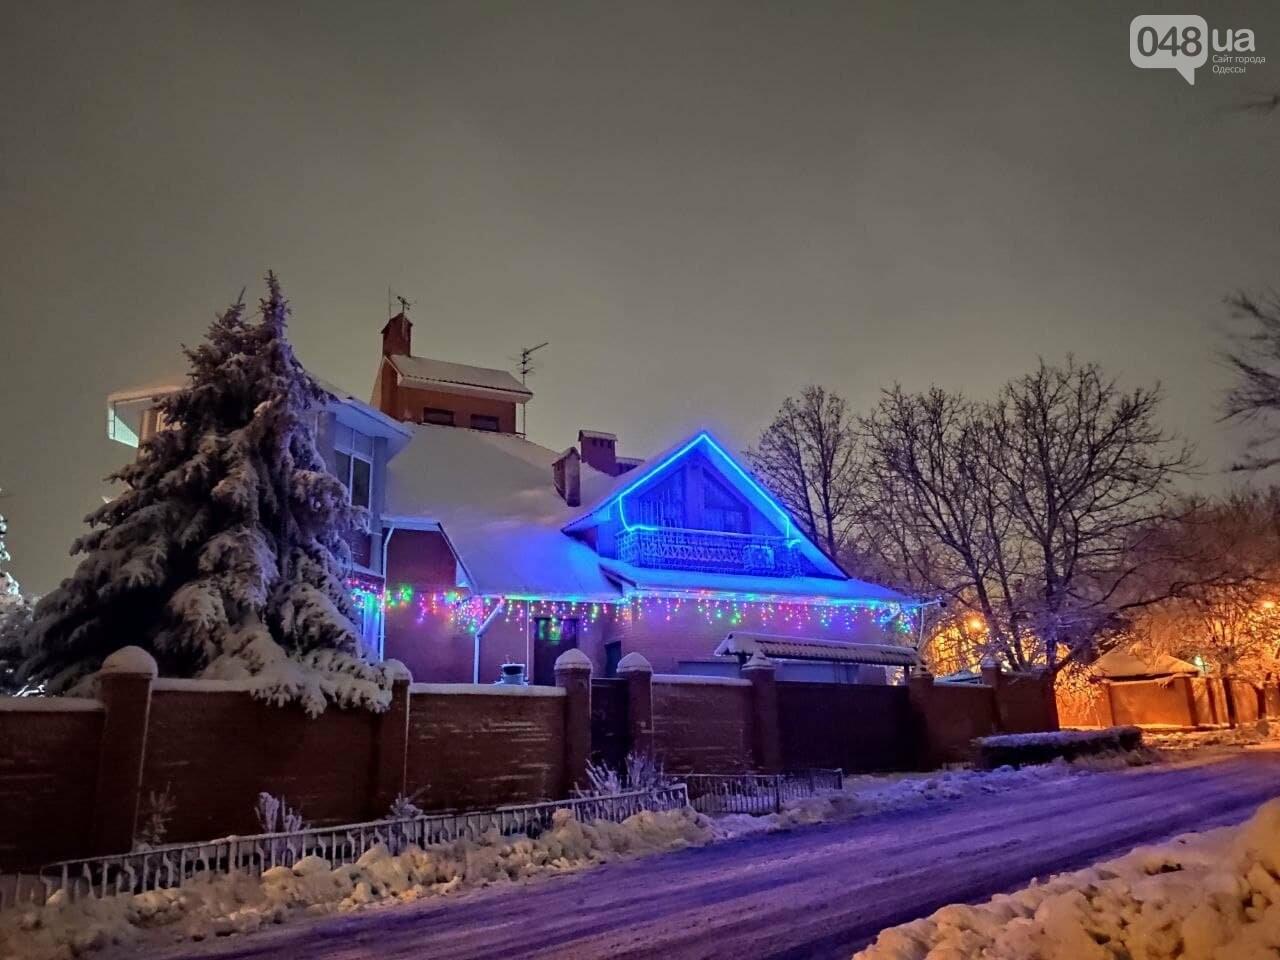 Зимняя сказка на одесской Рублевке: как выглядит Совиньон в снегу, - ФОТОРЕПОРТАЖ, фото-6